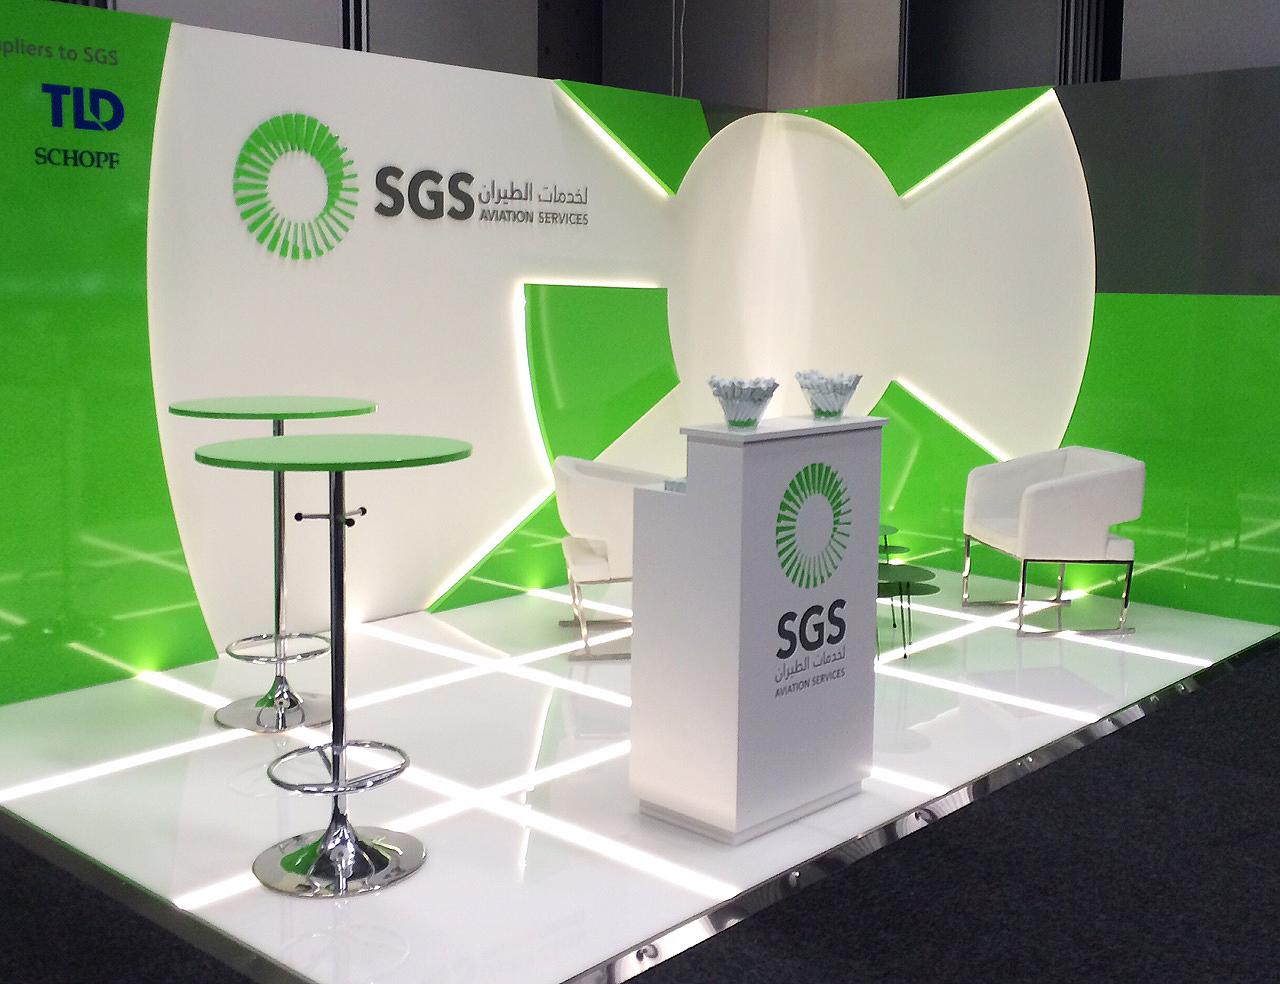 Saudi air Ground Services / Fair stand